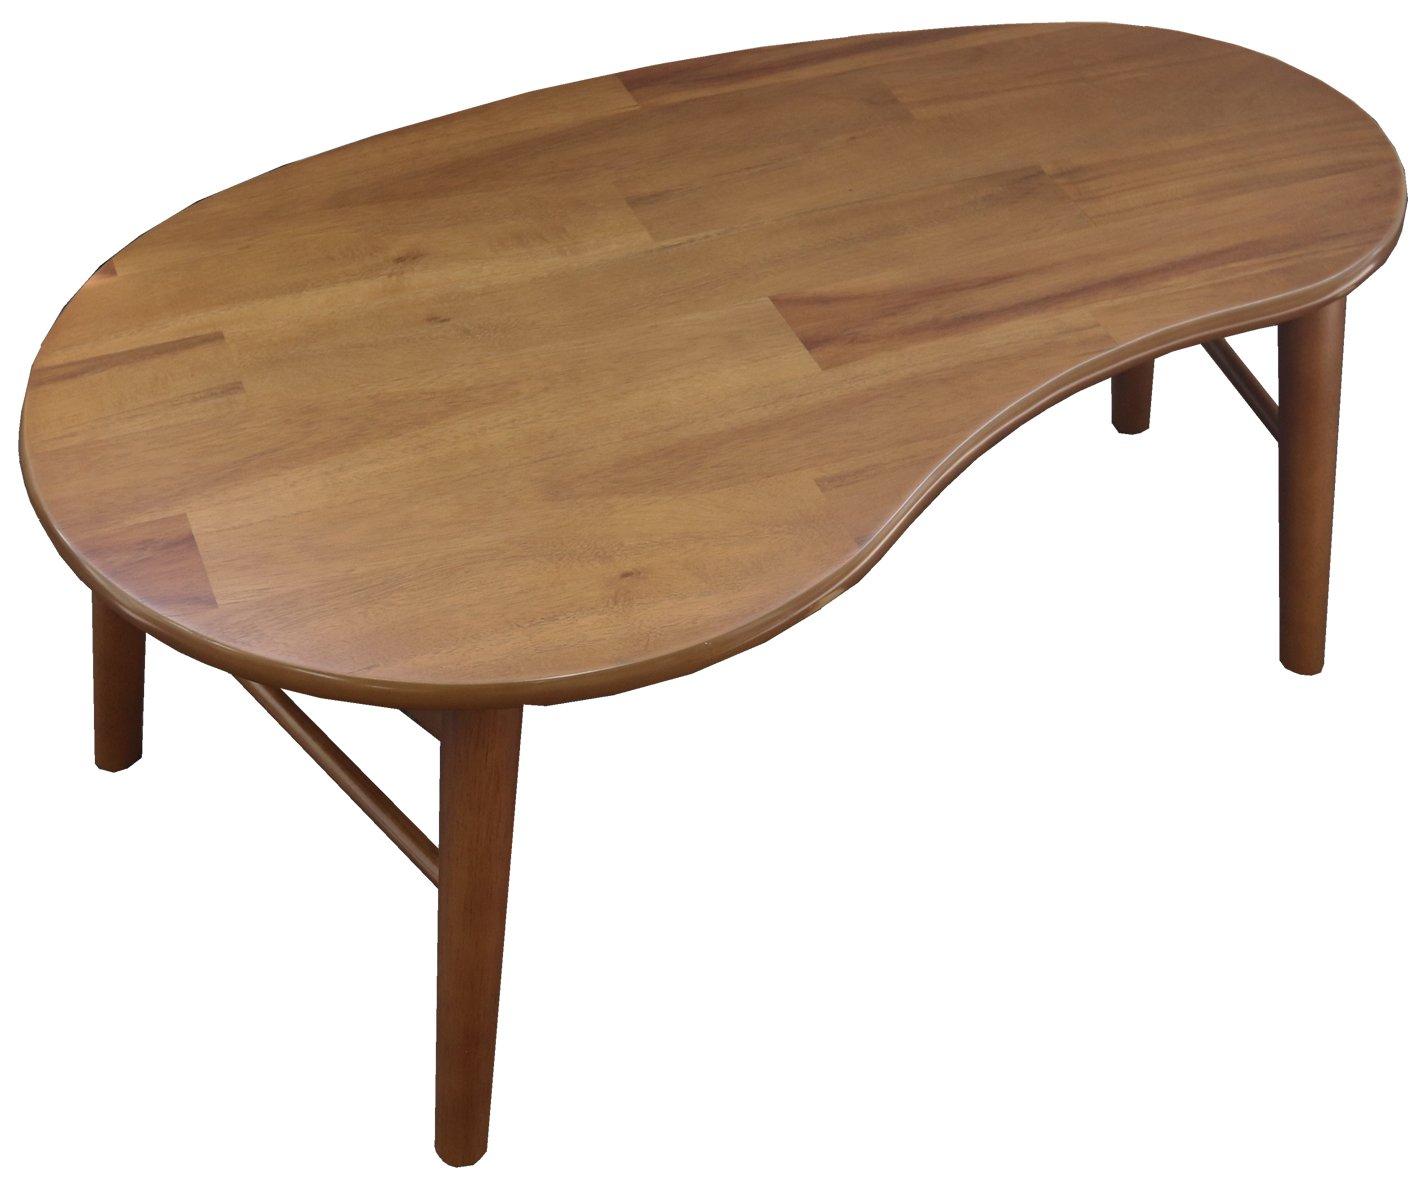 ヤマソロ ローテーブルちゃぶ台 ブラウン 幅85×奥行53.5×高さ34cm ブリッキー 豆型 82-661 B077TYFDWP